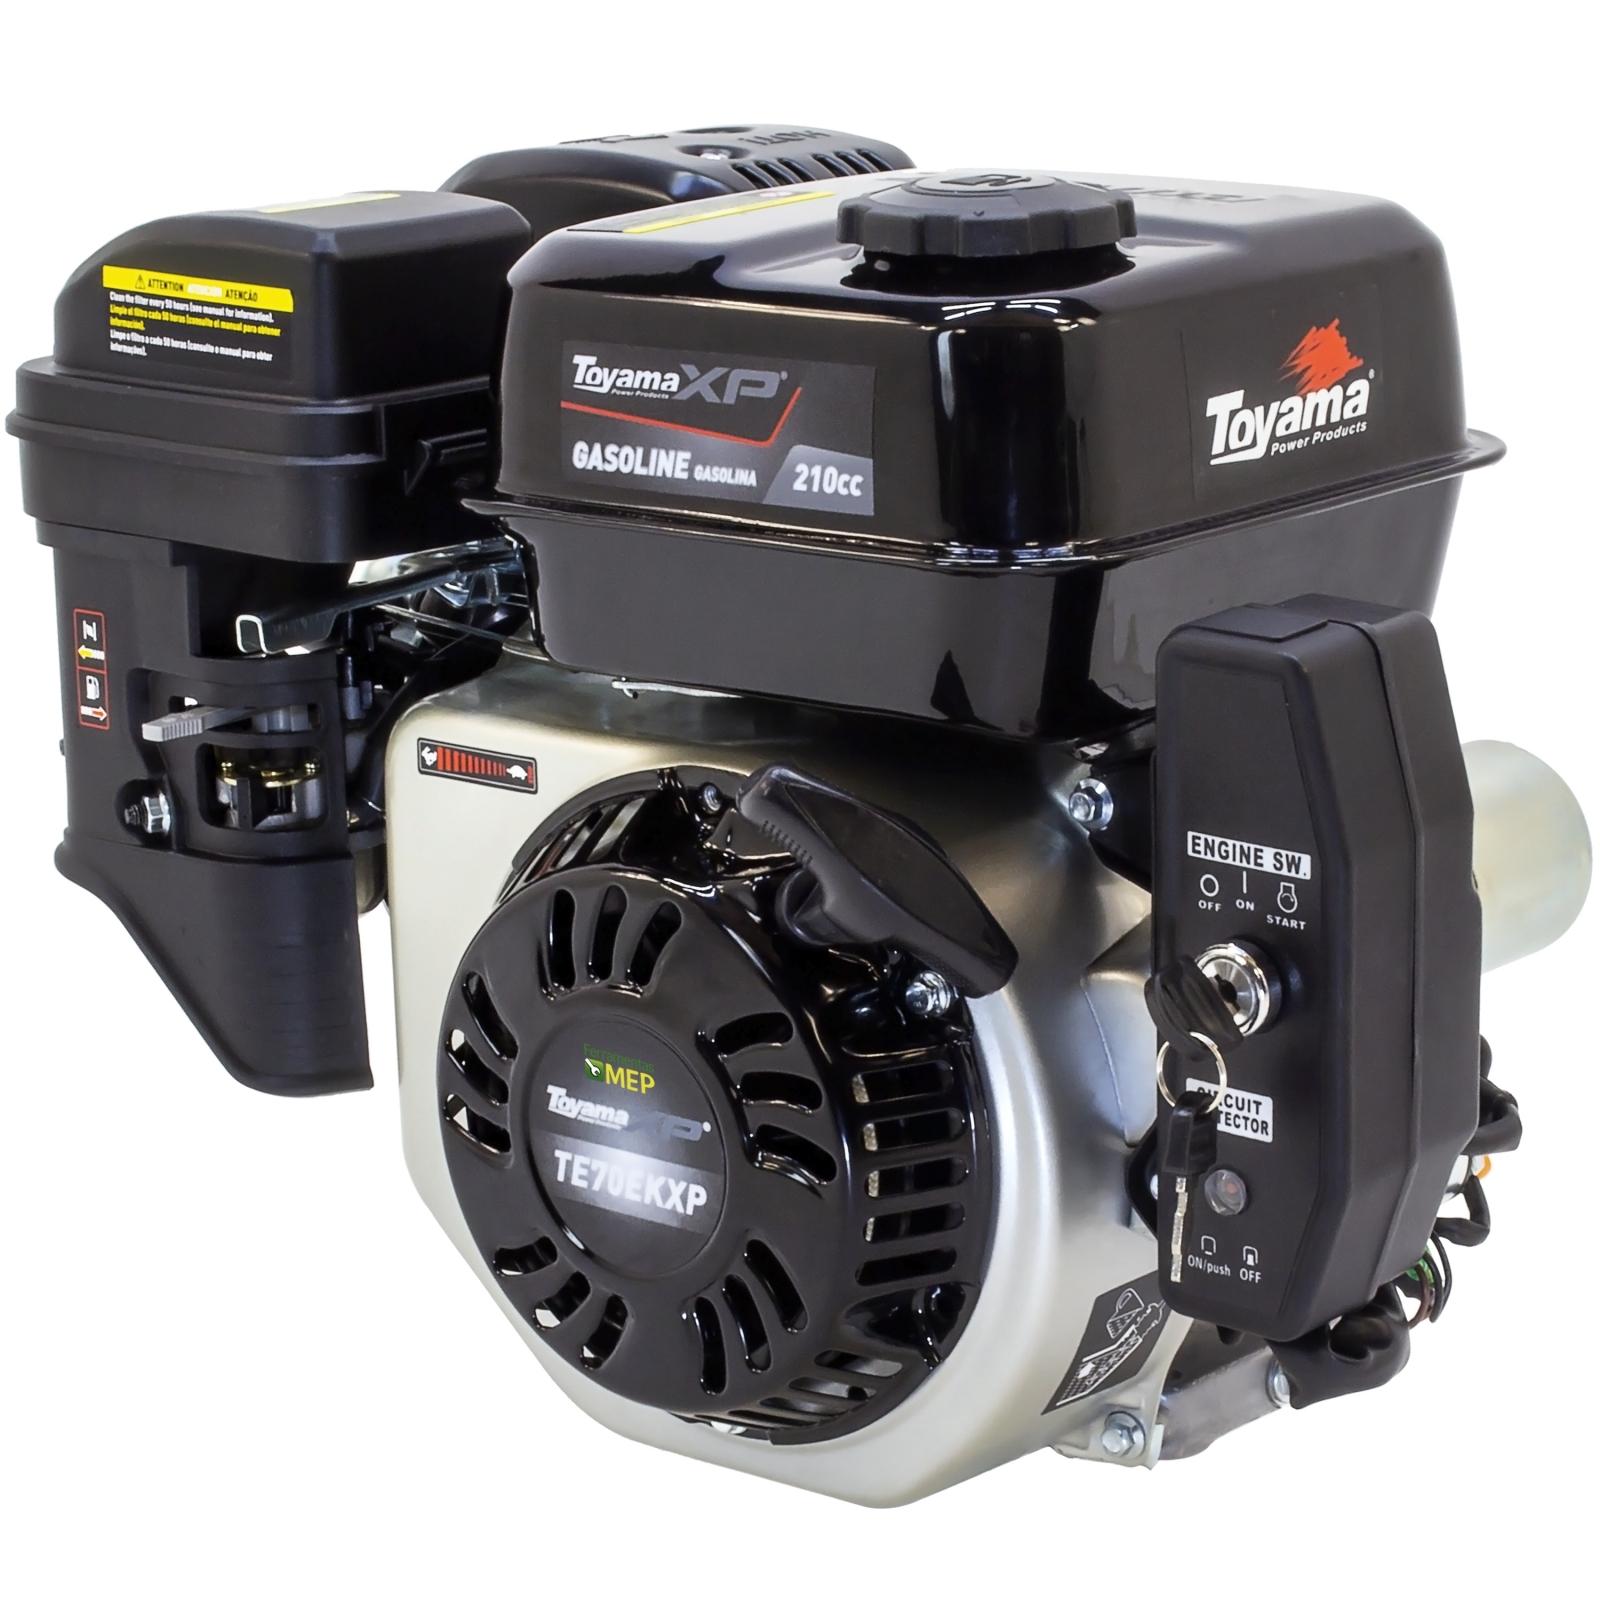 Motor Estacionário a Gasolina 7hp Partida Elétrica Toyama TE70EKXP T7p - Ferramentas MEP